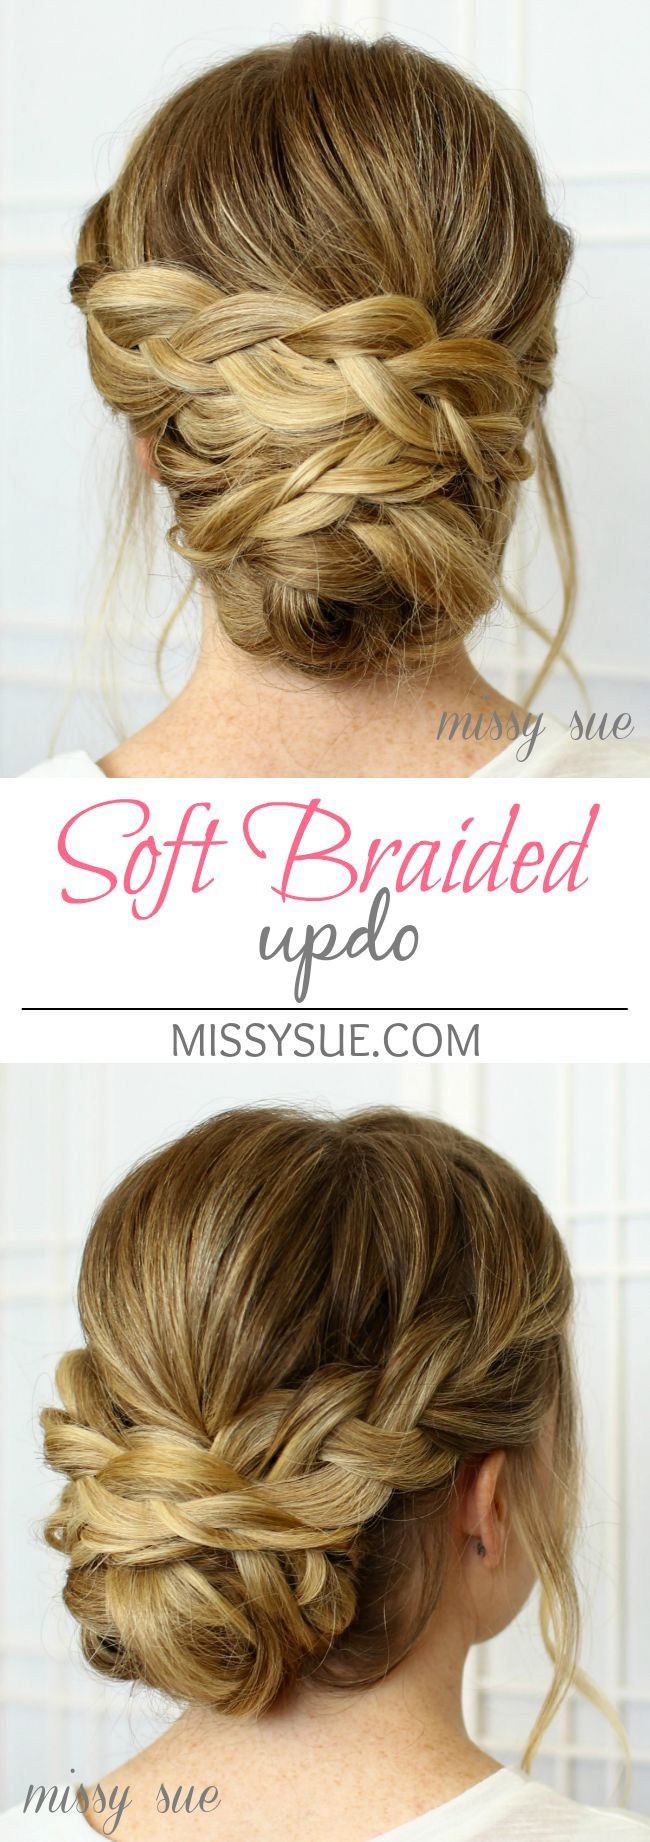 Soft-Braided-Hochsteckfrisur-Frisur